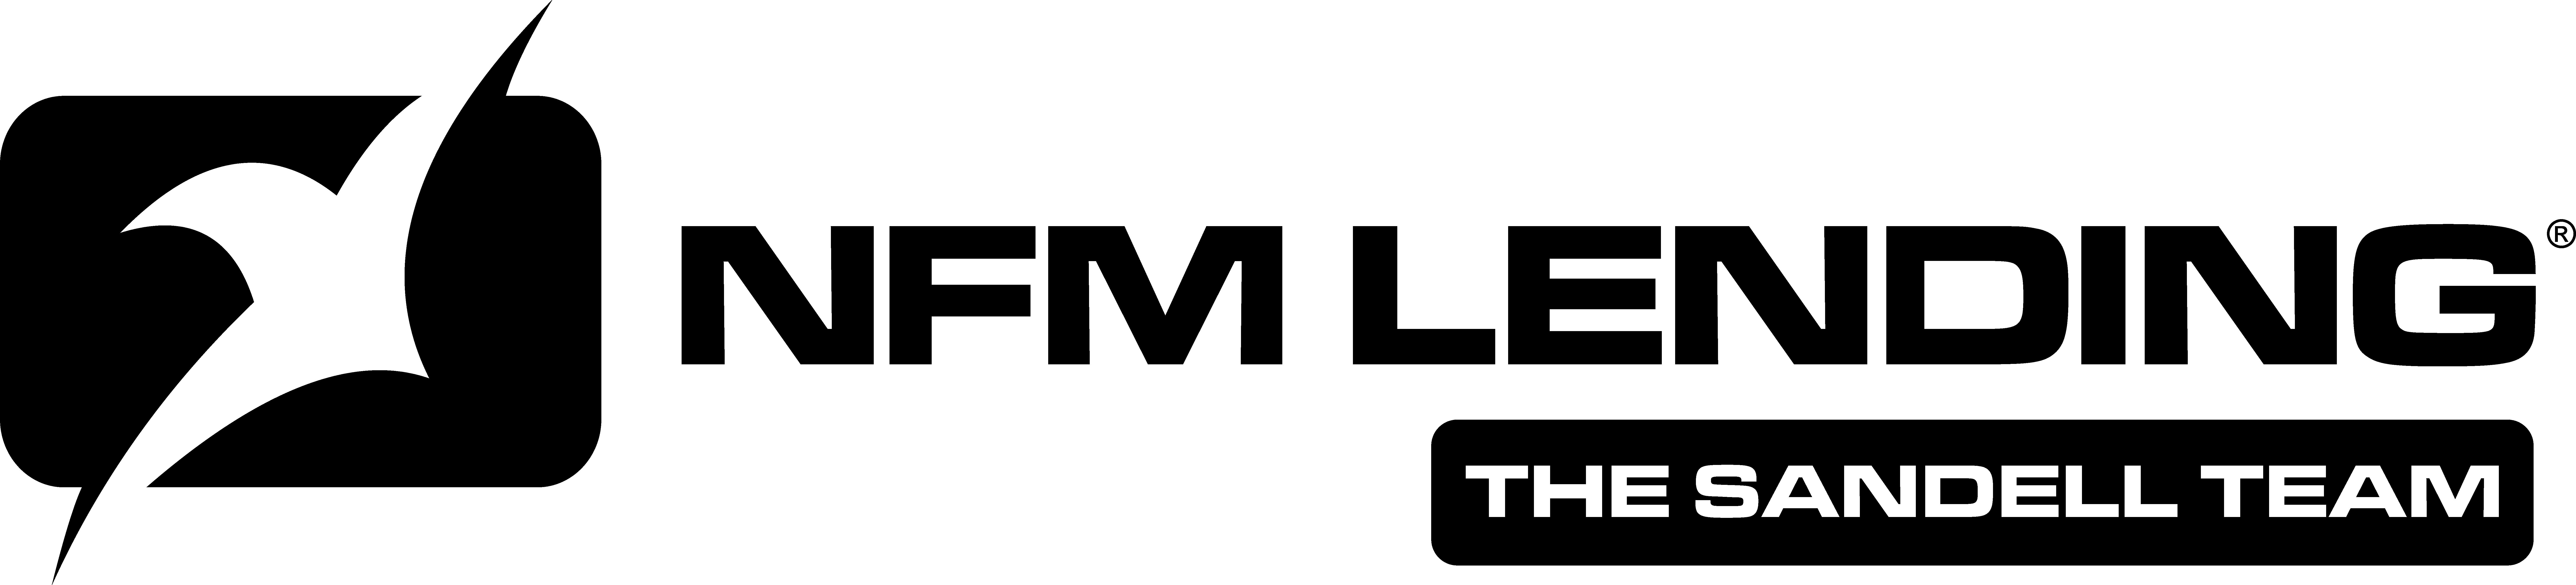 5e5992e602f5b.png